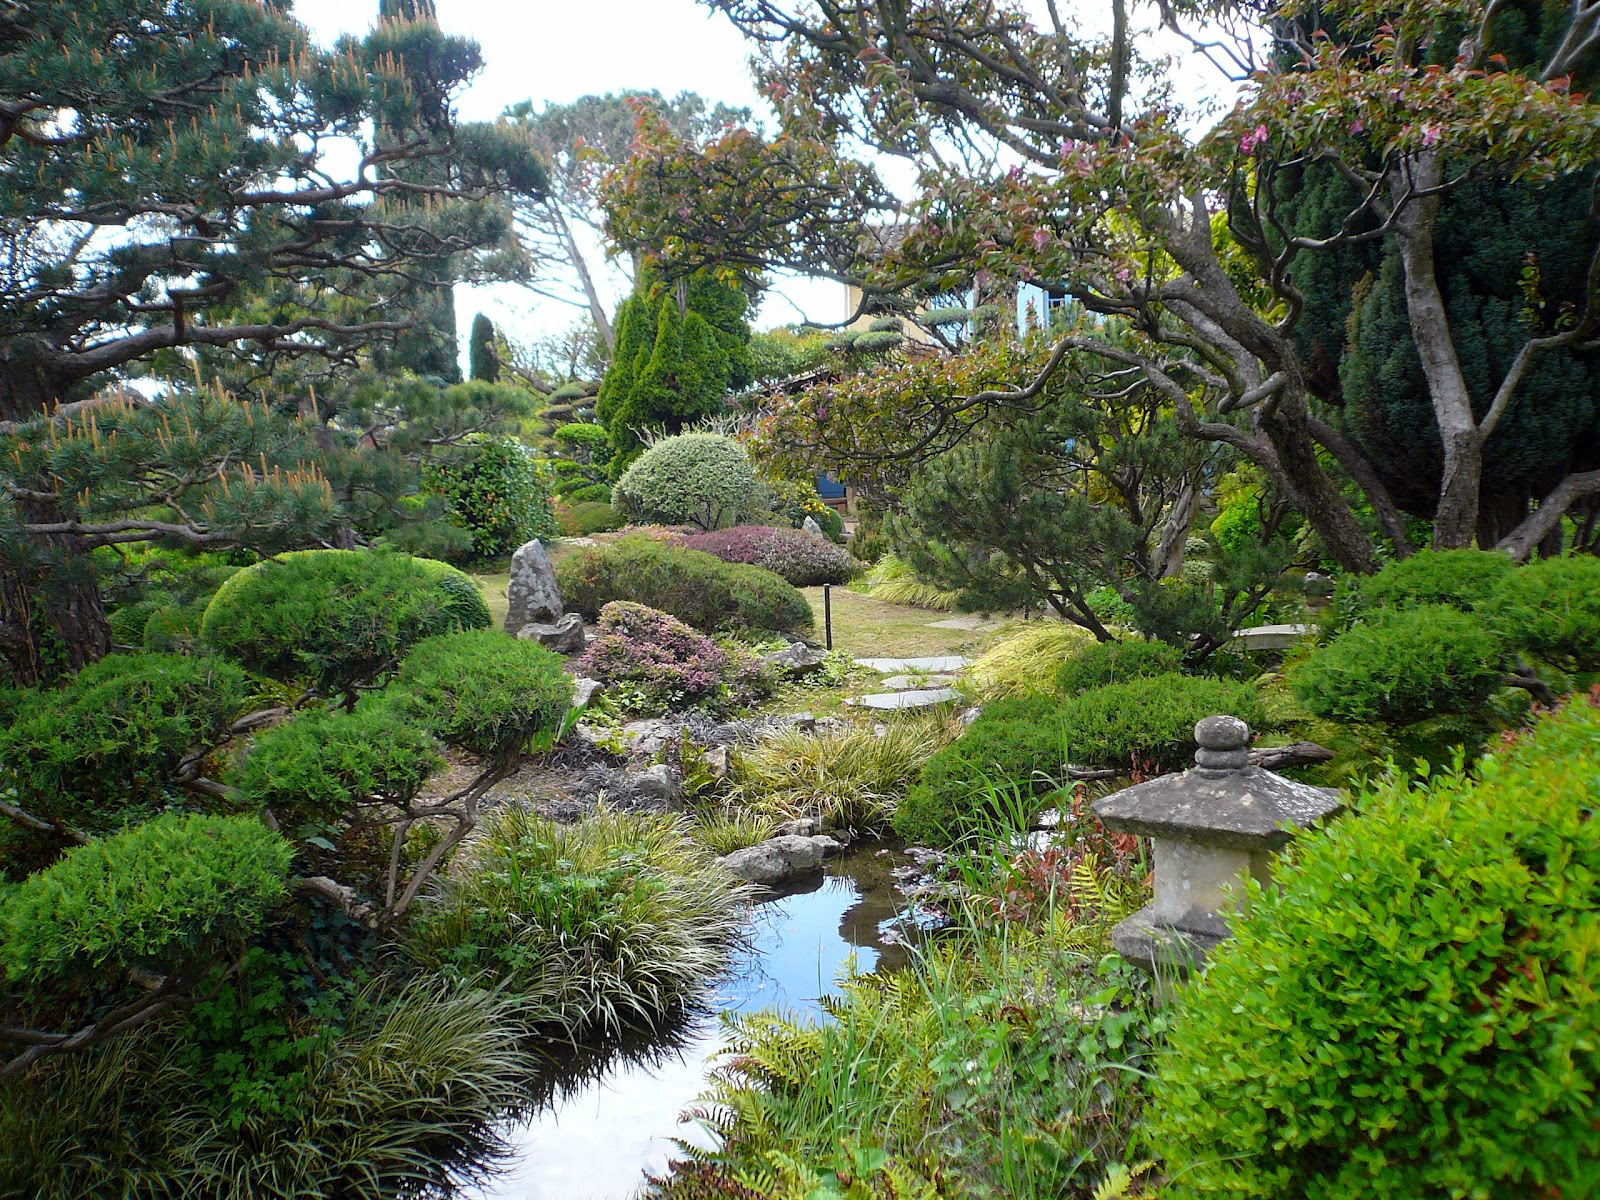 Ecrire chanter et voyager un jardin extraordinaire for Dans le jardin